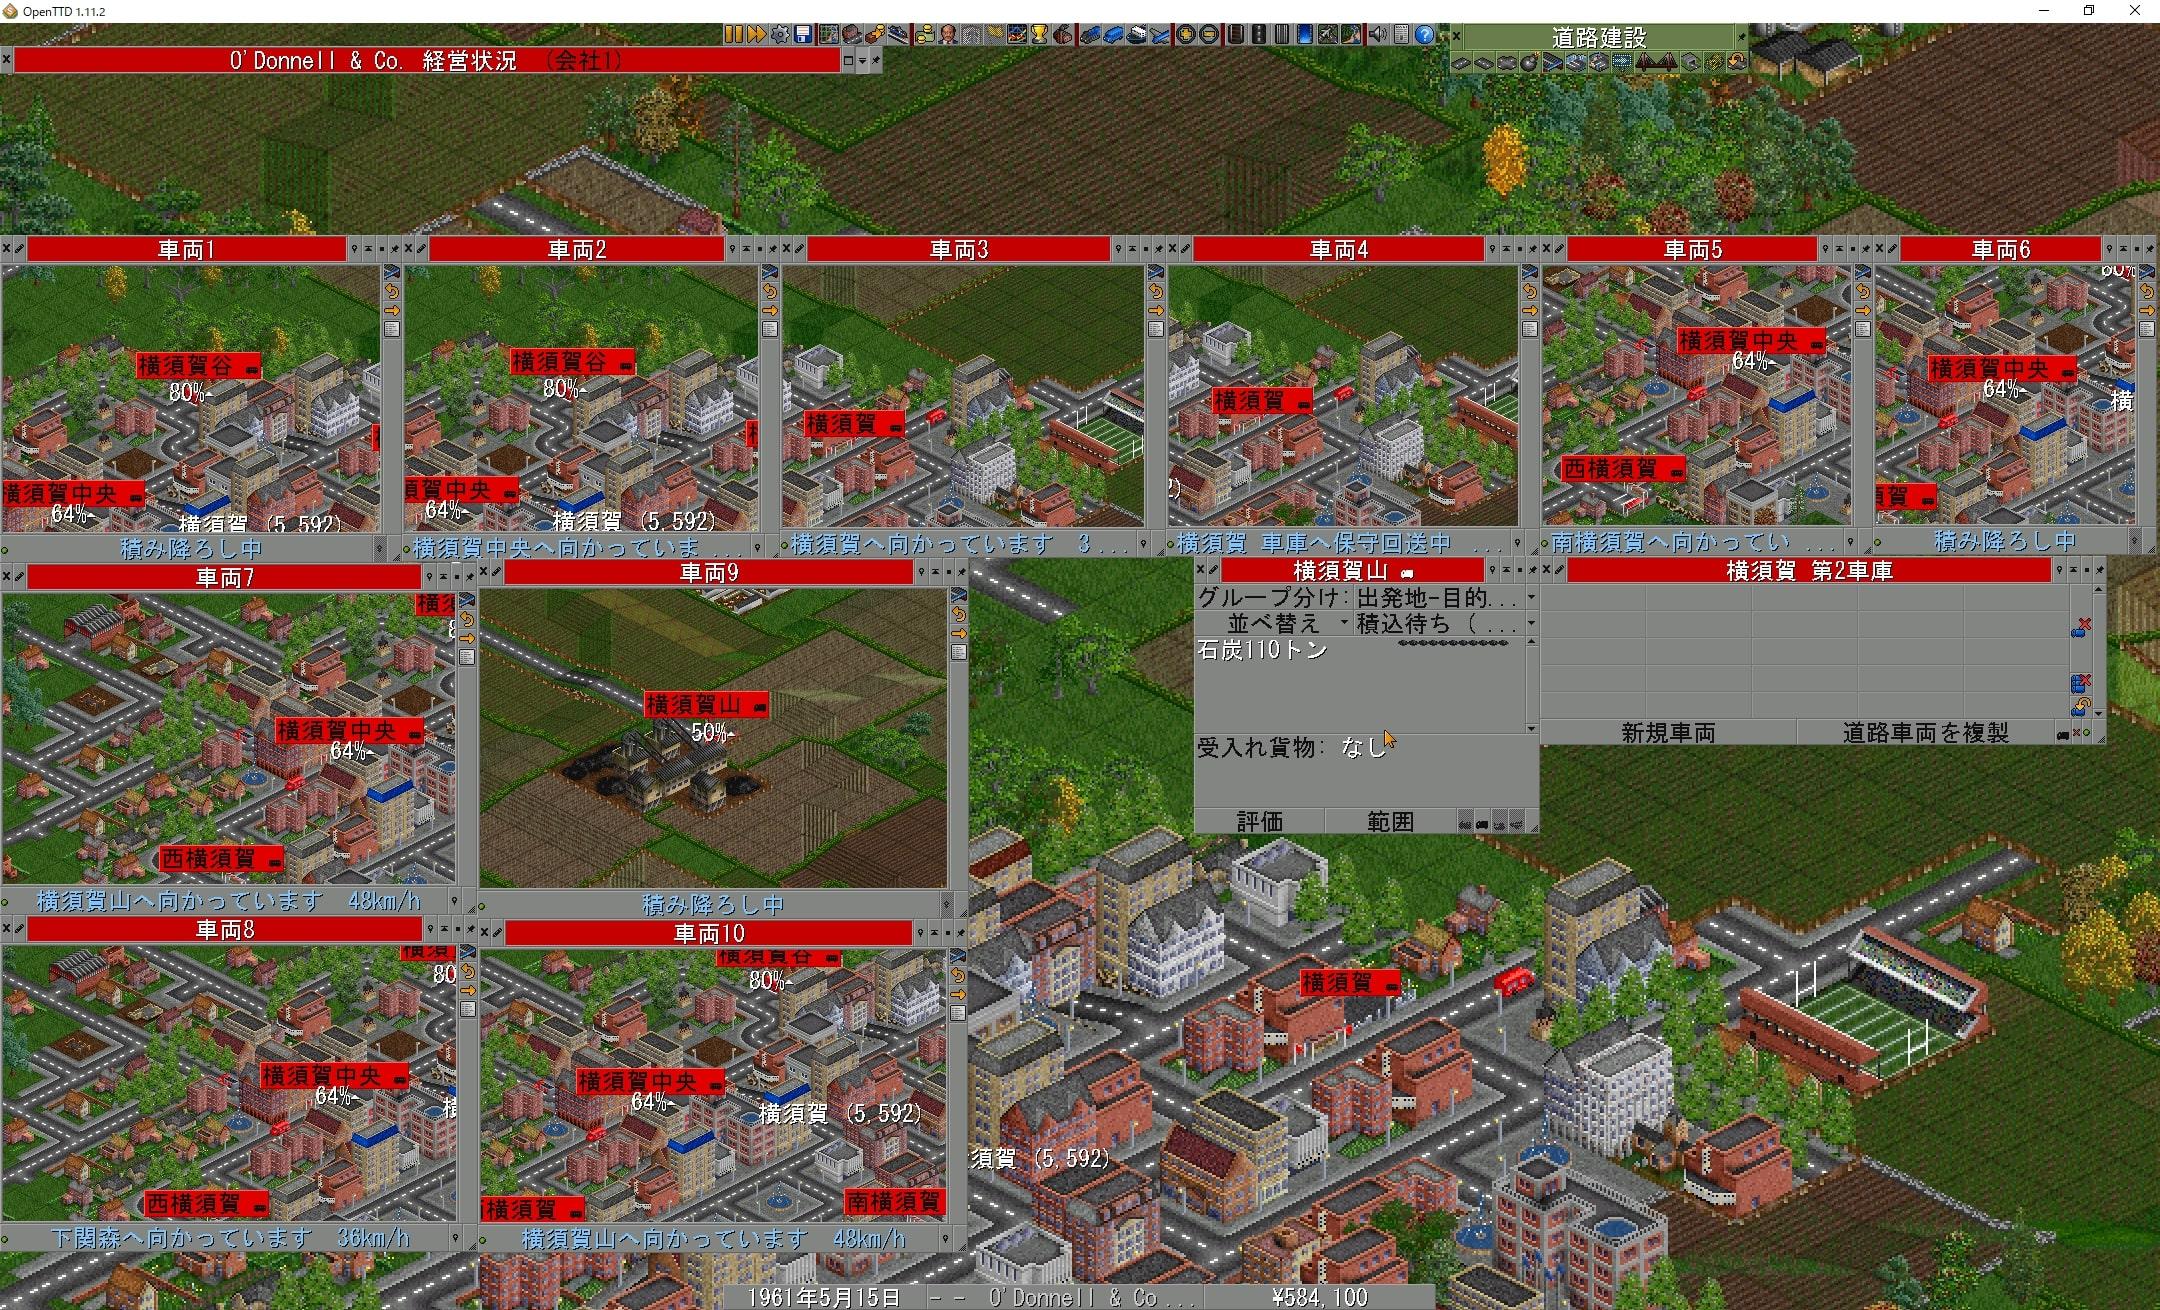 【週末カジュアルPCゲーム部】やればやるほどハマる!無料でプレイできる都市経営シミュレーション「OpenTTD」  - PC Watch